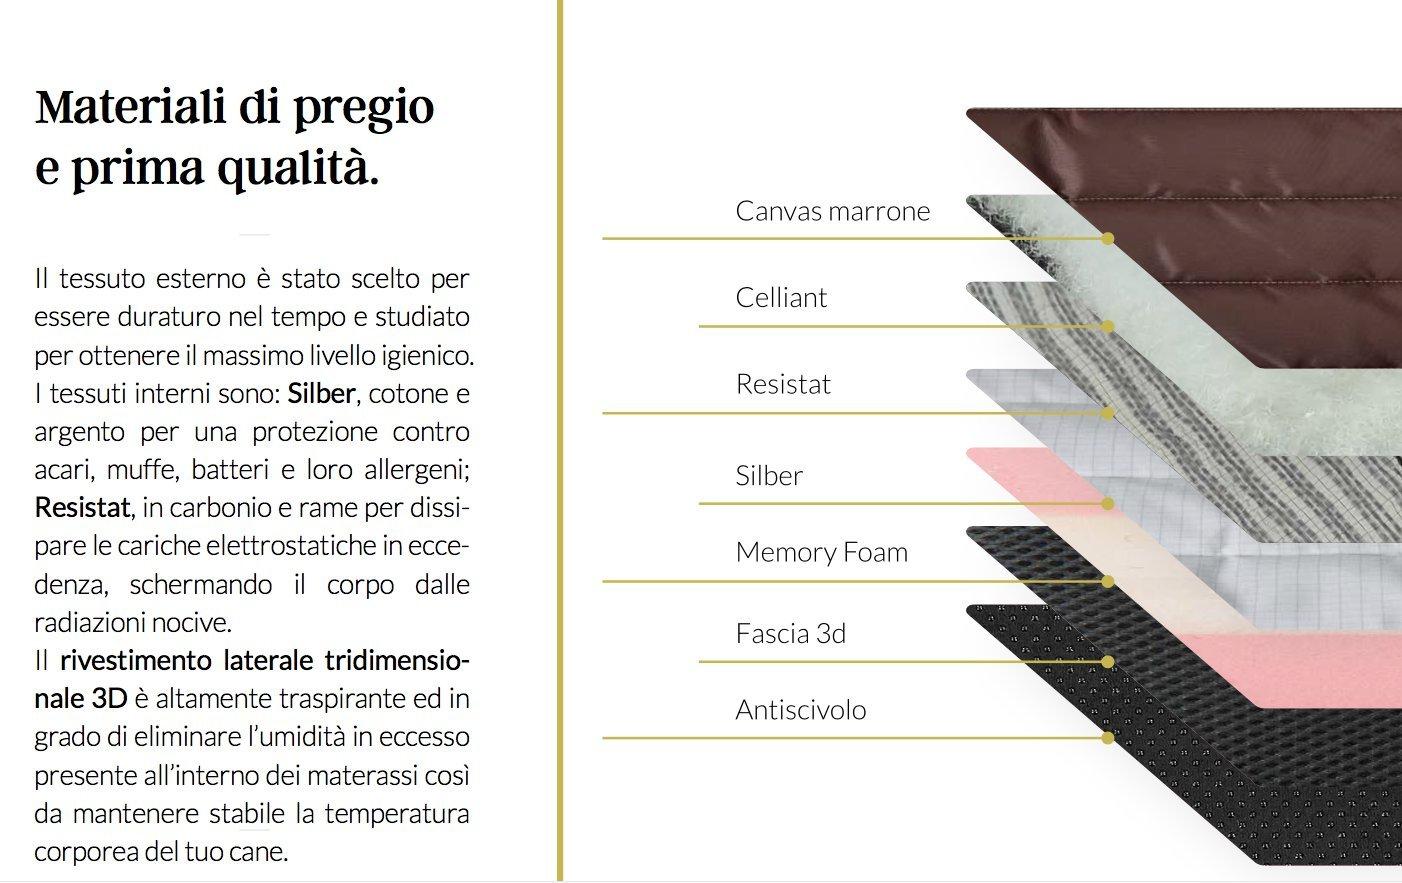 Perros cama Caseta cojín colchón Memory ortopédico Celliant resistat Lusso italiano - Medium: Amazon.es: Jardín